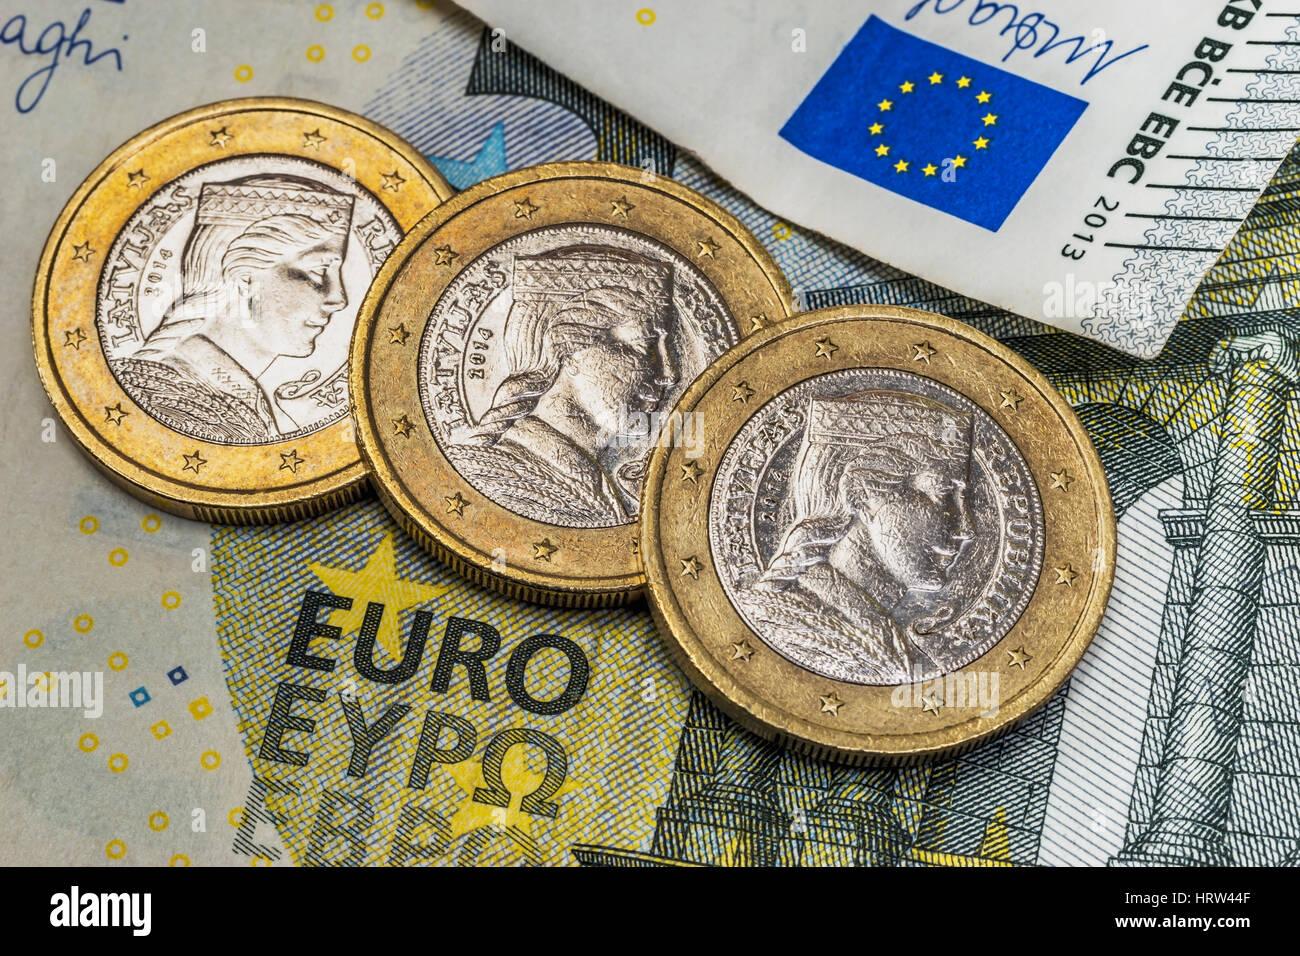 Auf Einer 5 Euro Banknote Sind Drei 1 Euro Münzen Der Baltischen